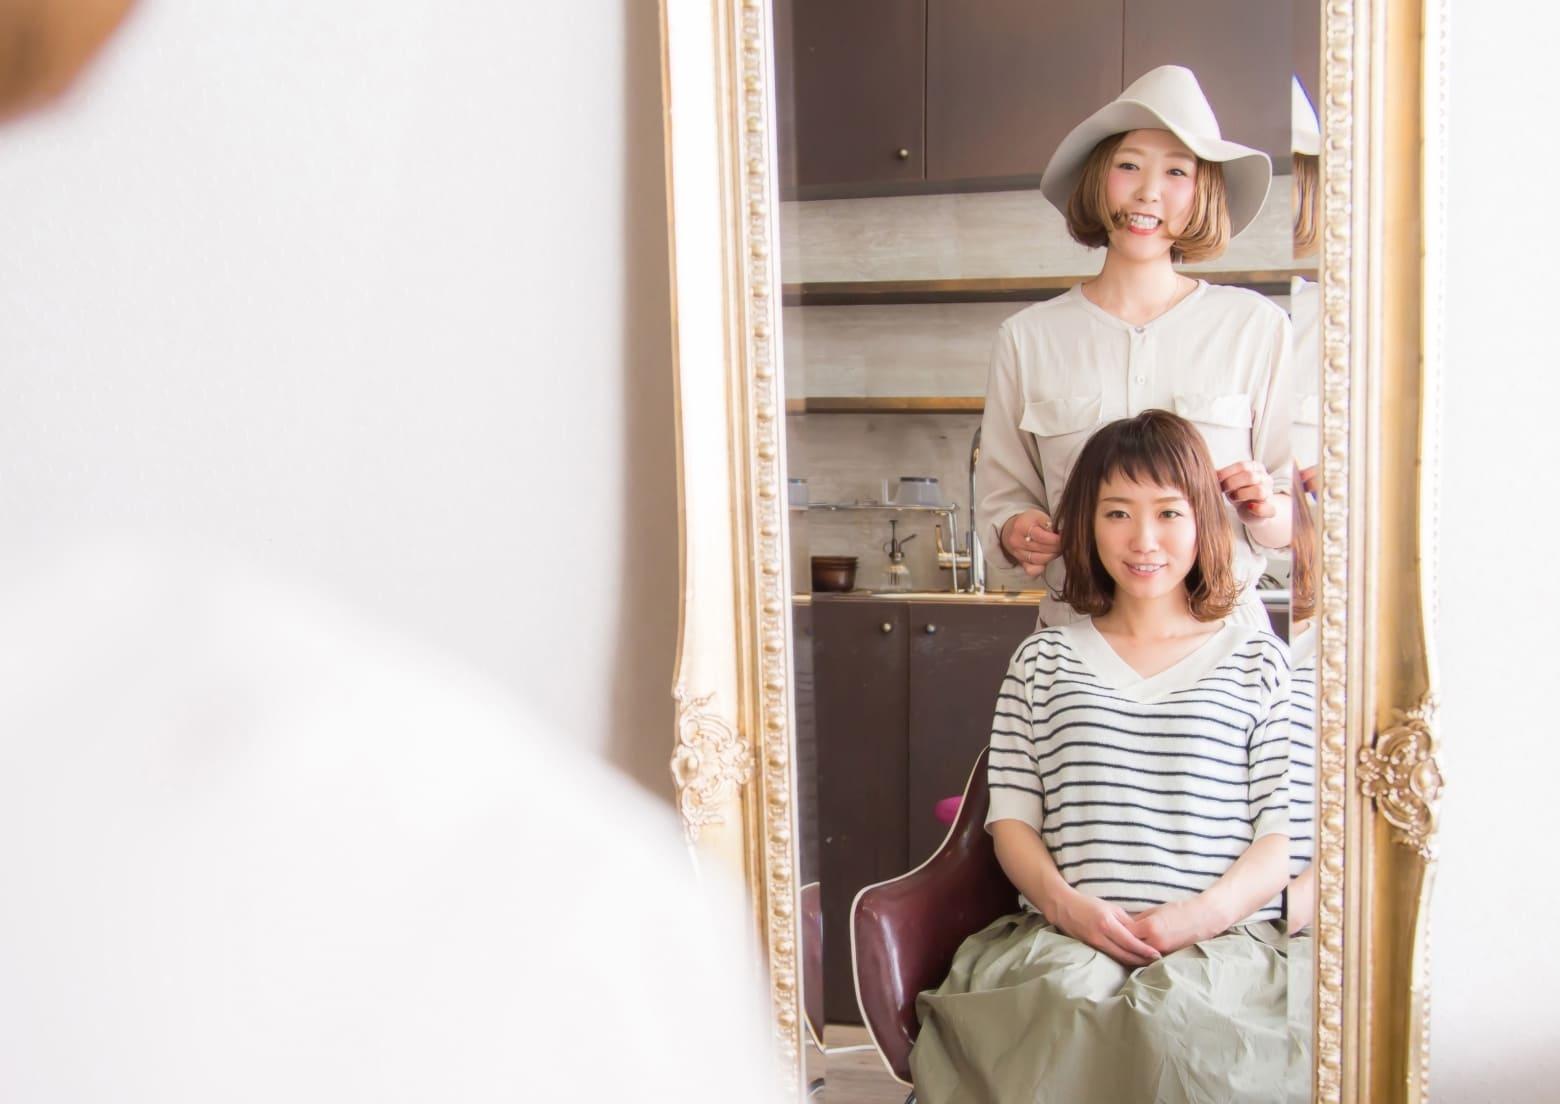 美容院・エステサロン:店舗・お店リスト販売